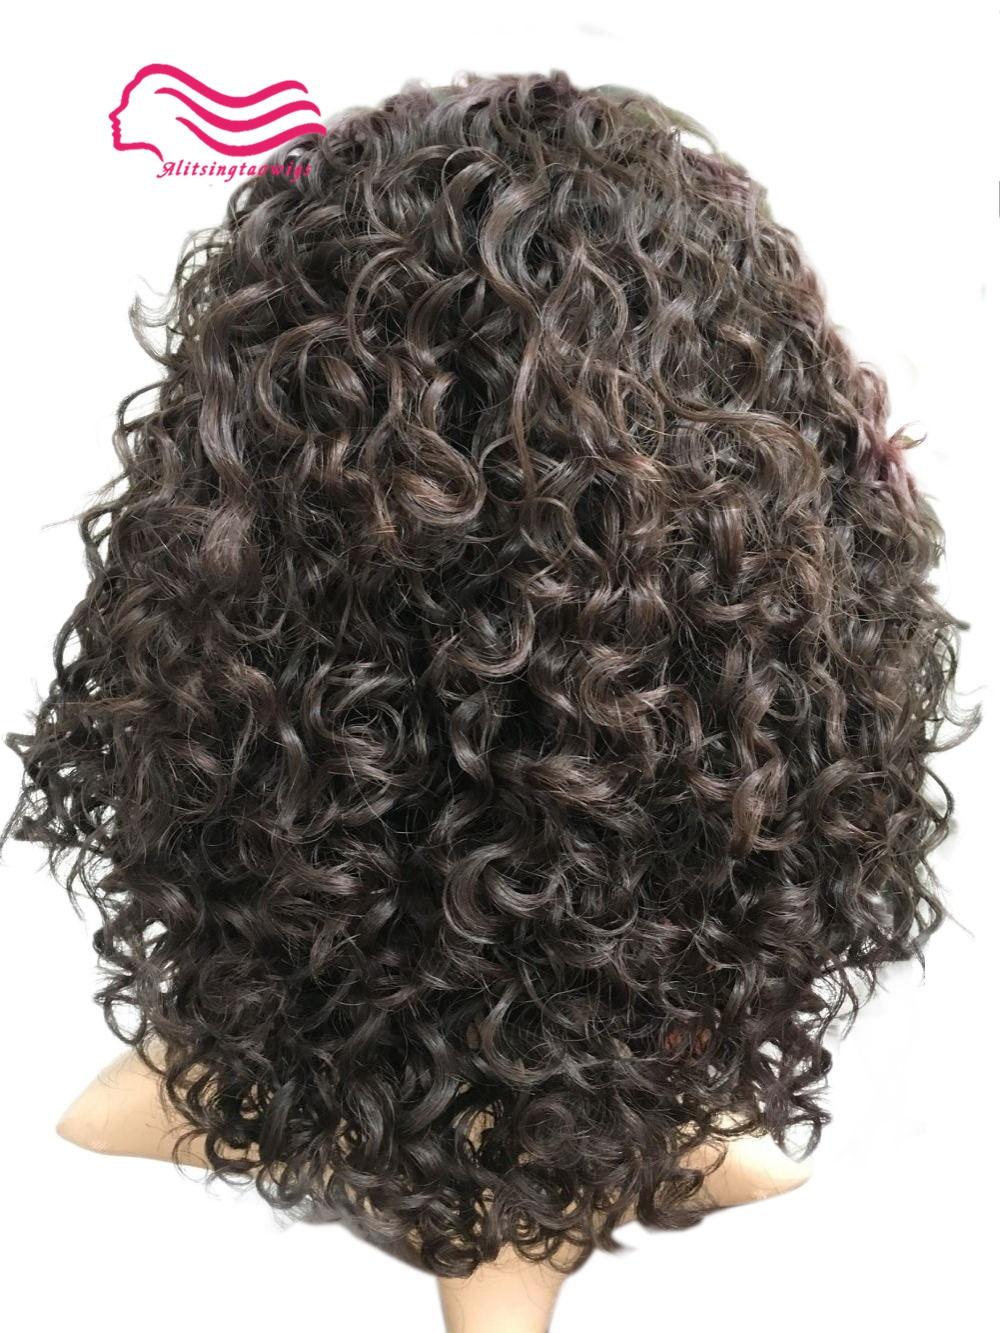 European virgin hair unprocess hair slight wave jewish wig silk top kosher wig Best Sheitels free